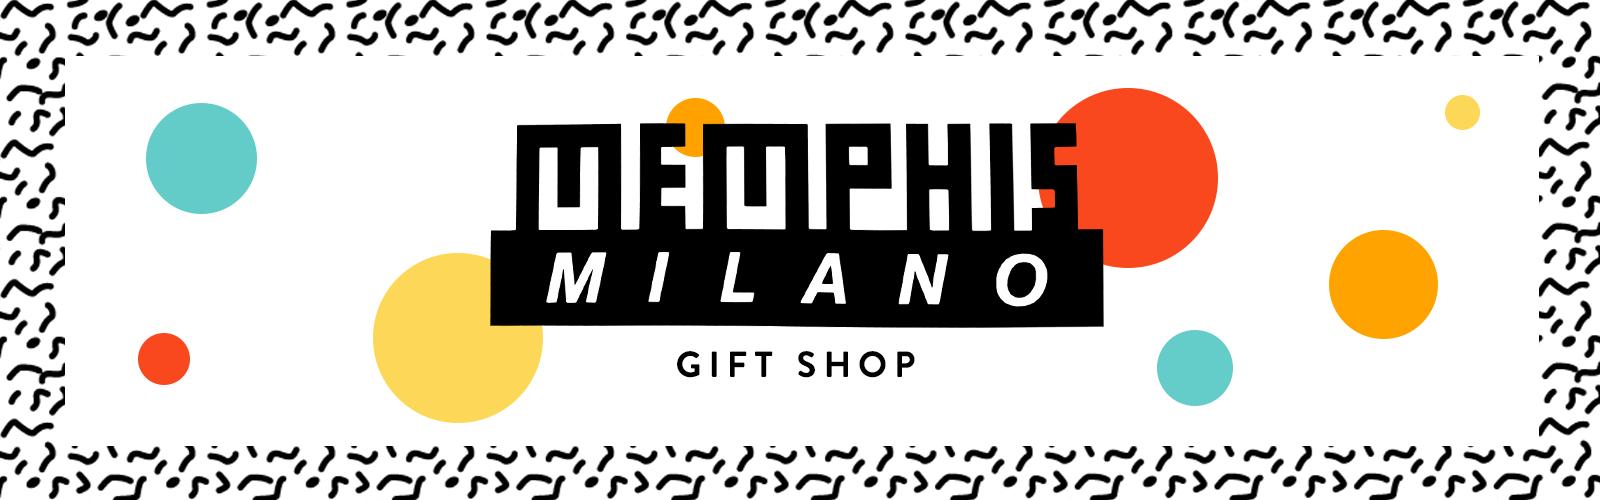 Memphis Milano gift shop.